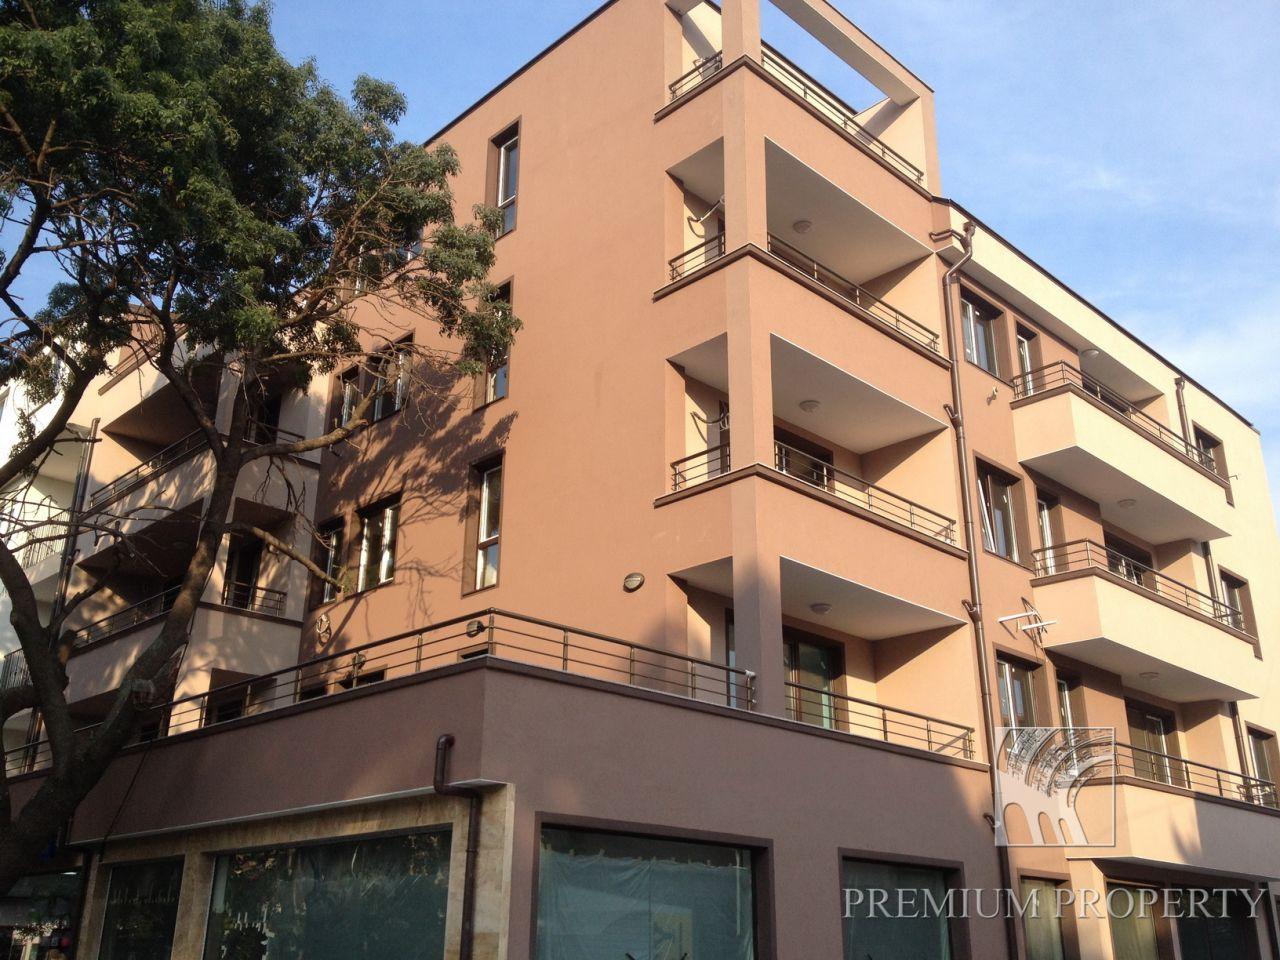 Апартаменты в Сарафово, Болгария, 56.01 м2 - фото 1